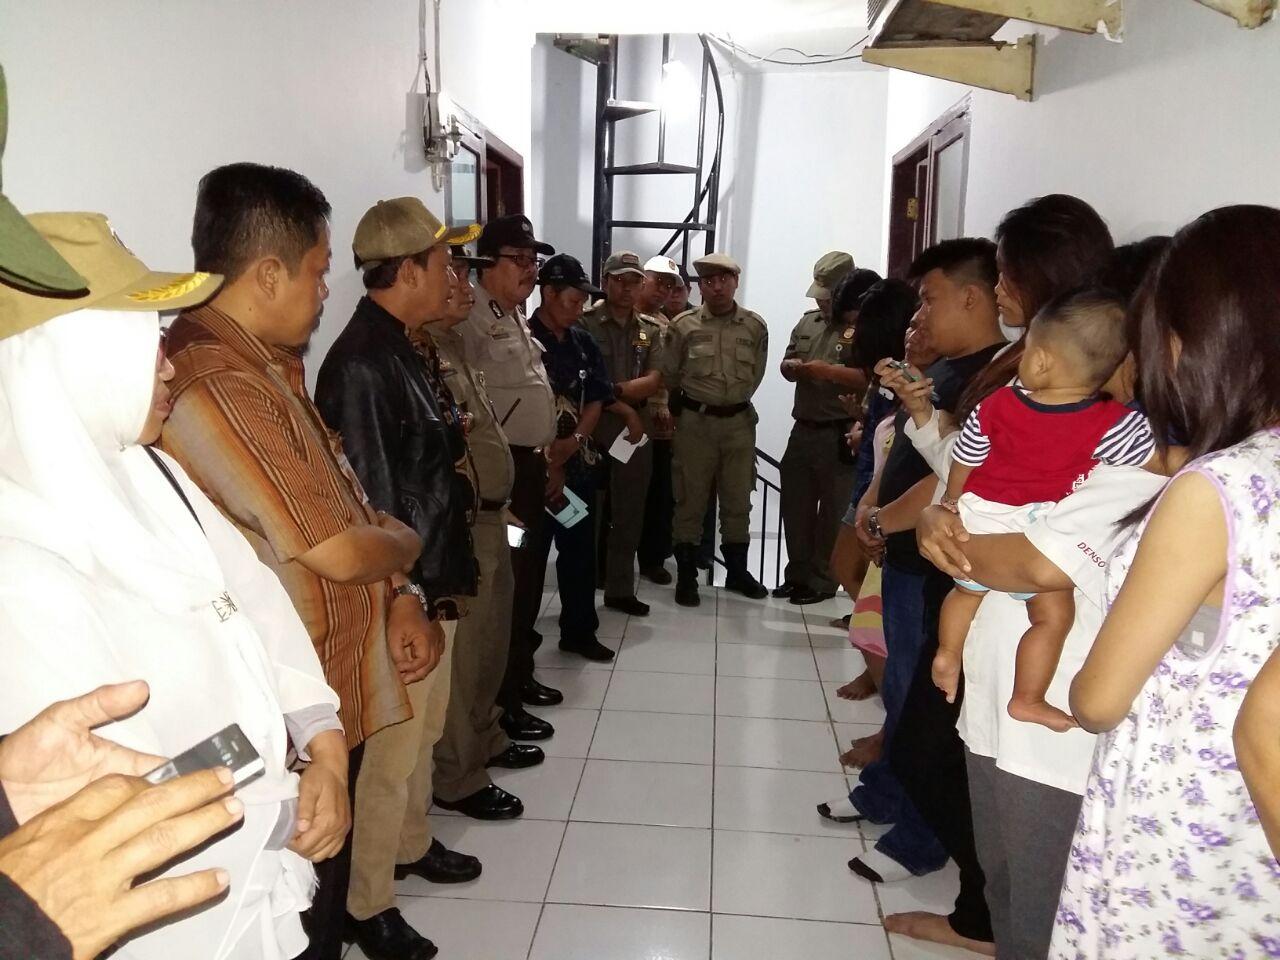 Operasi Binduk: 4 pasangan di luar nikah terjaring di Kemayoran